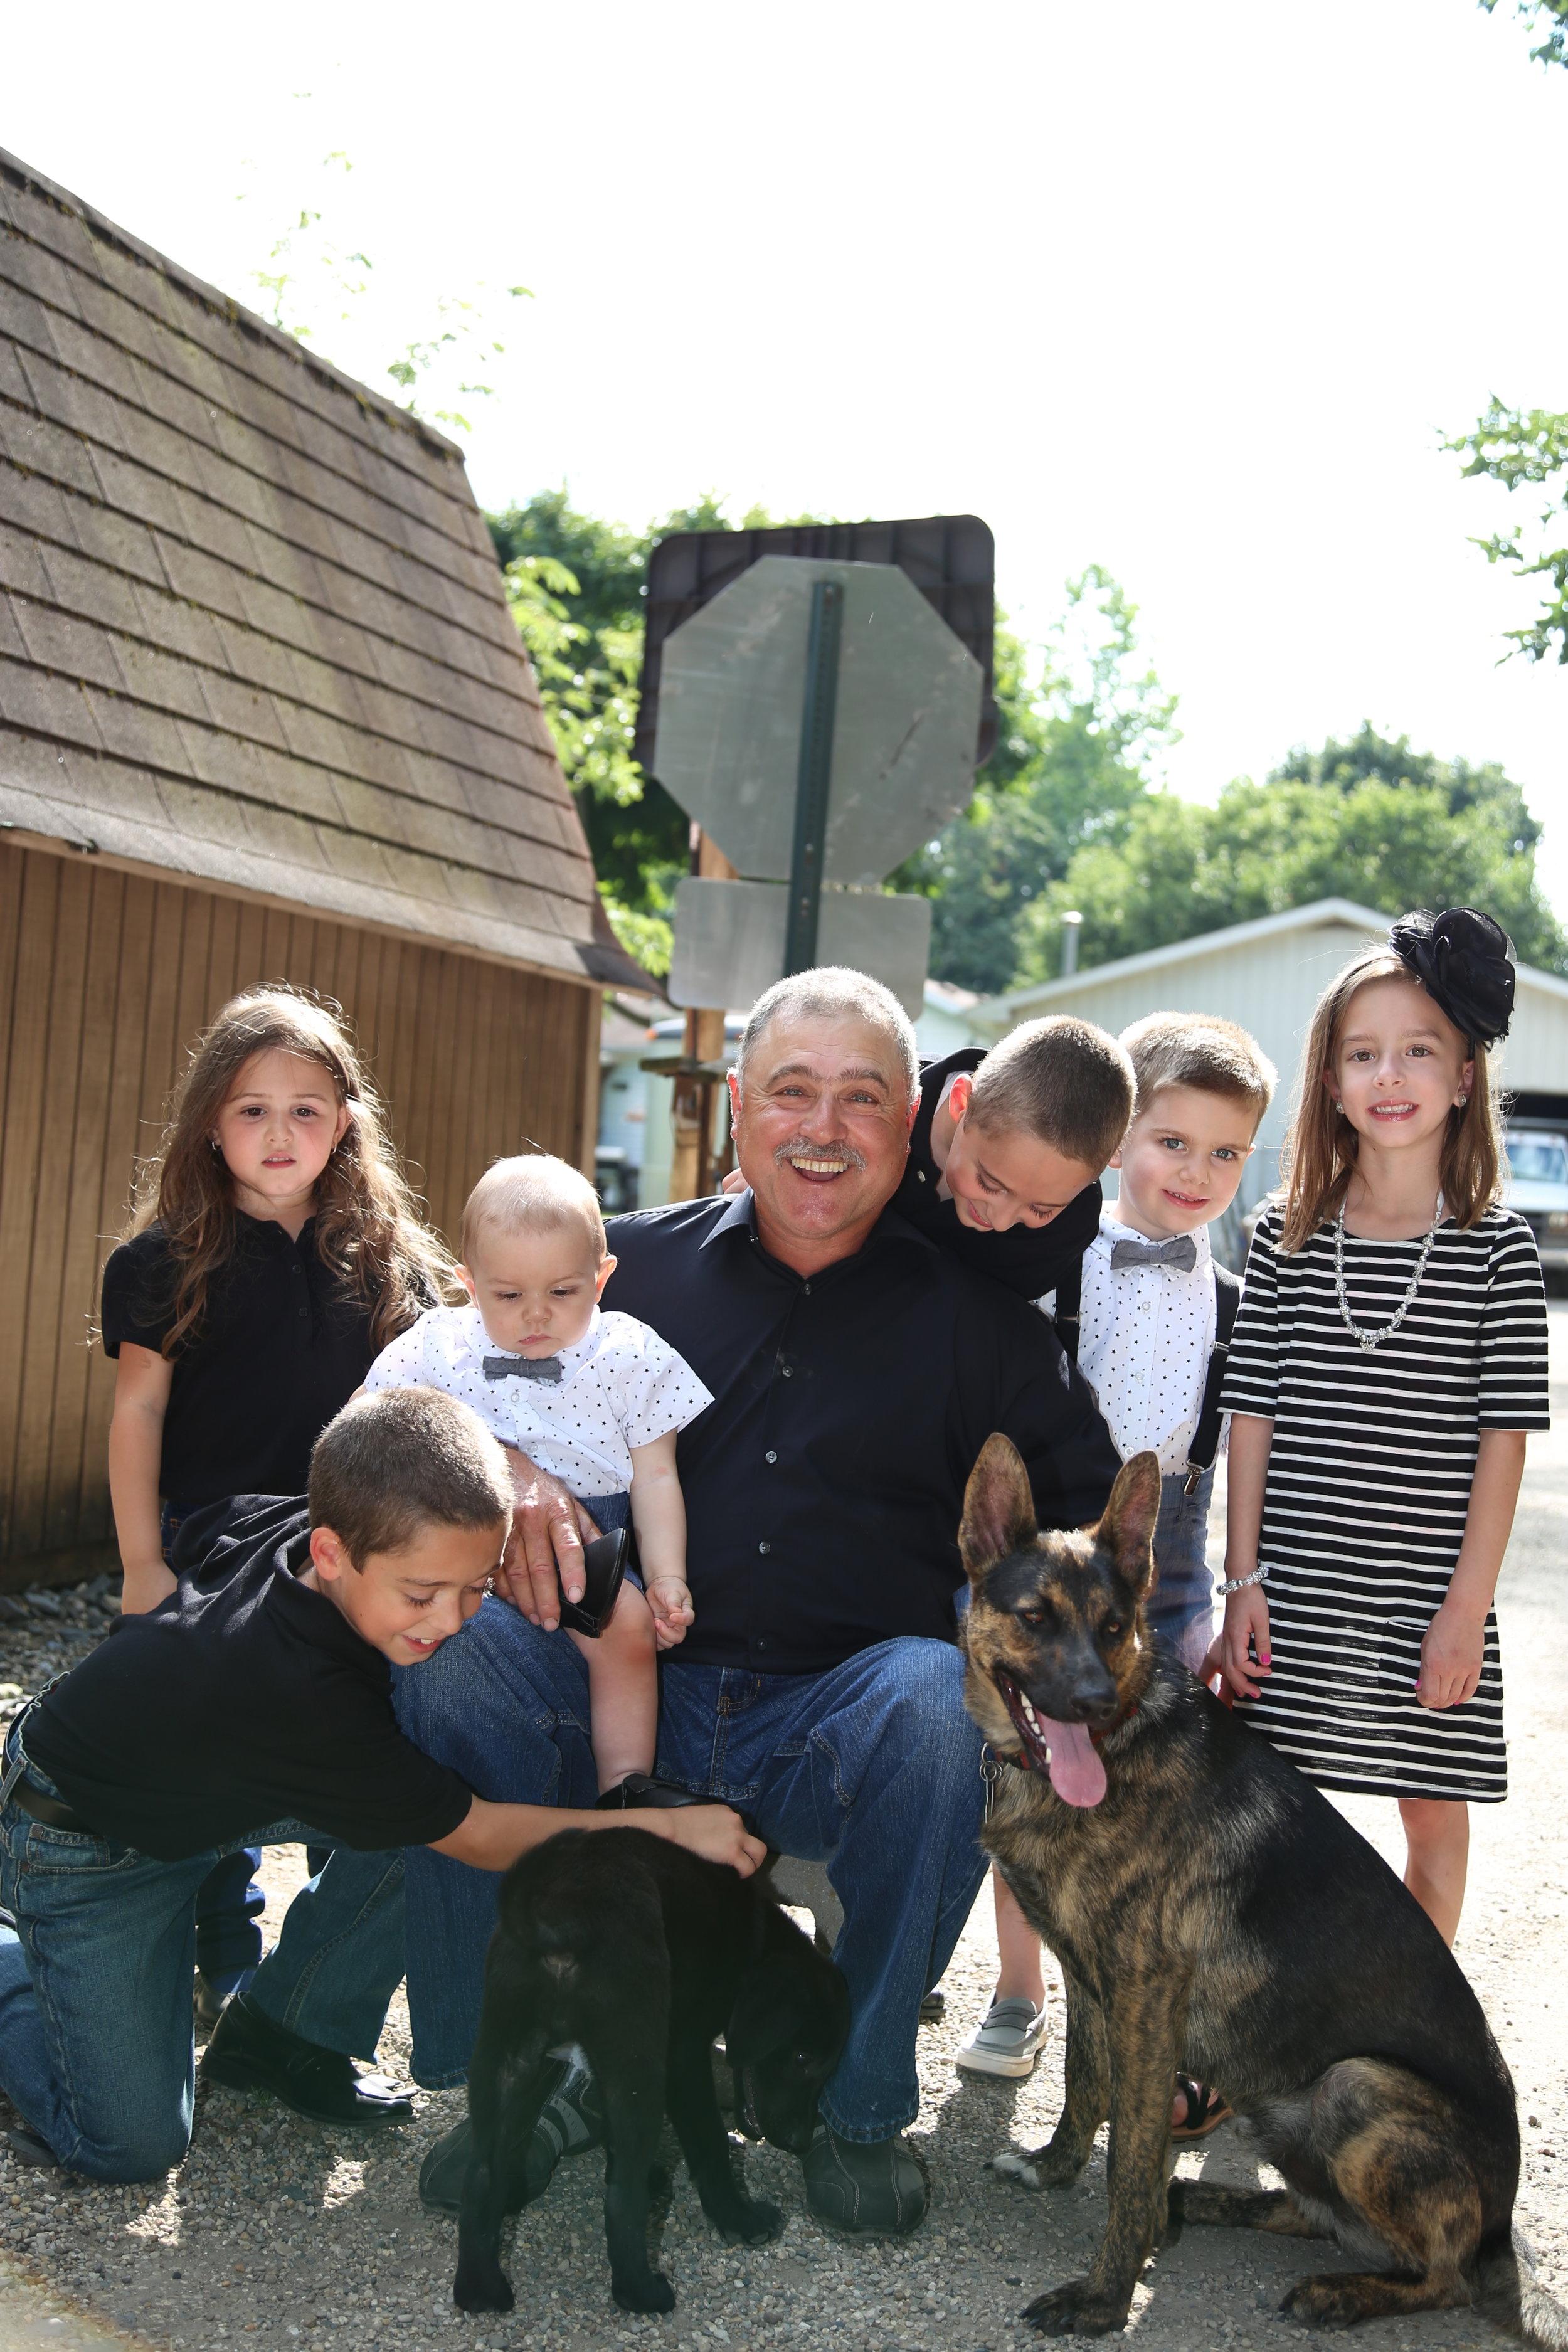 Grandpa with his Grandkids